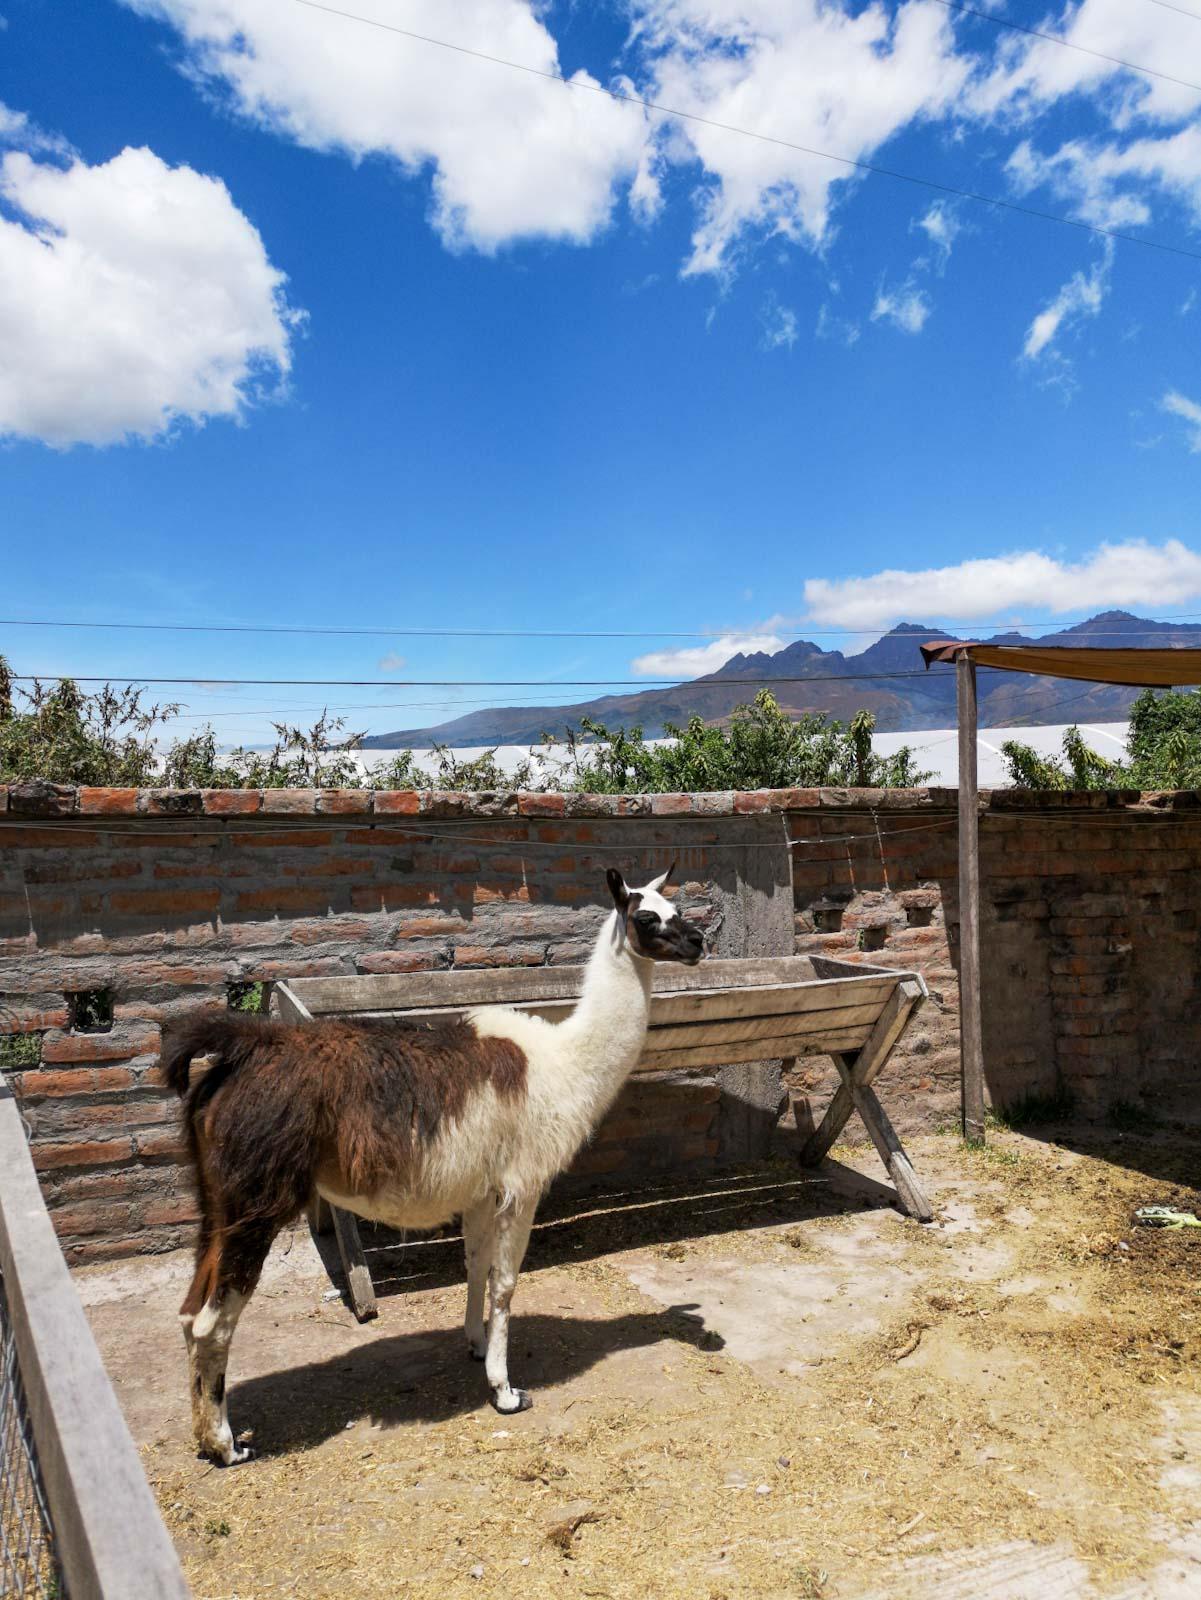 Llama at Hosteria Papagayo